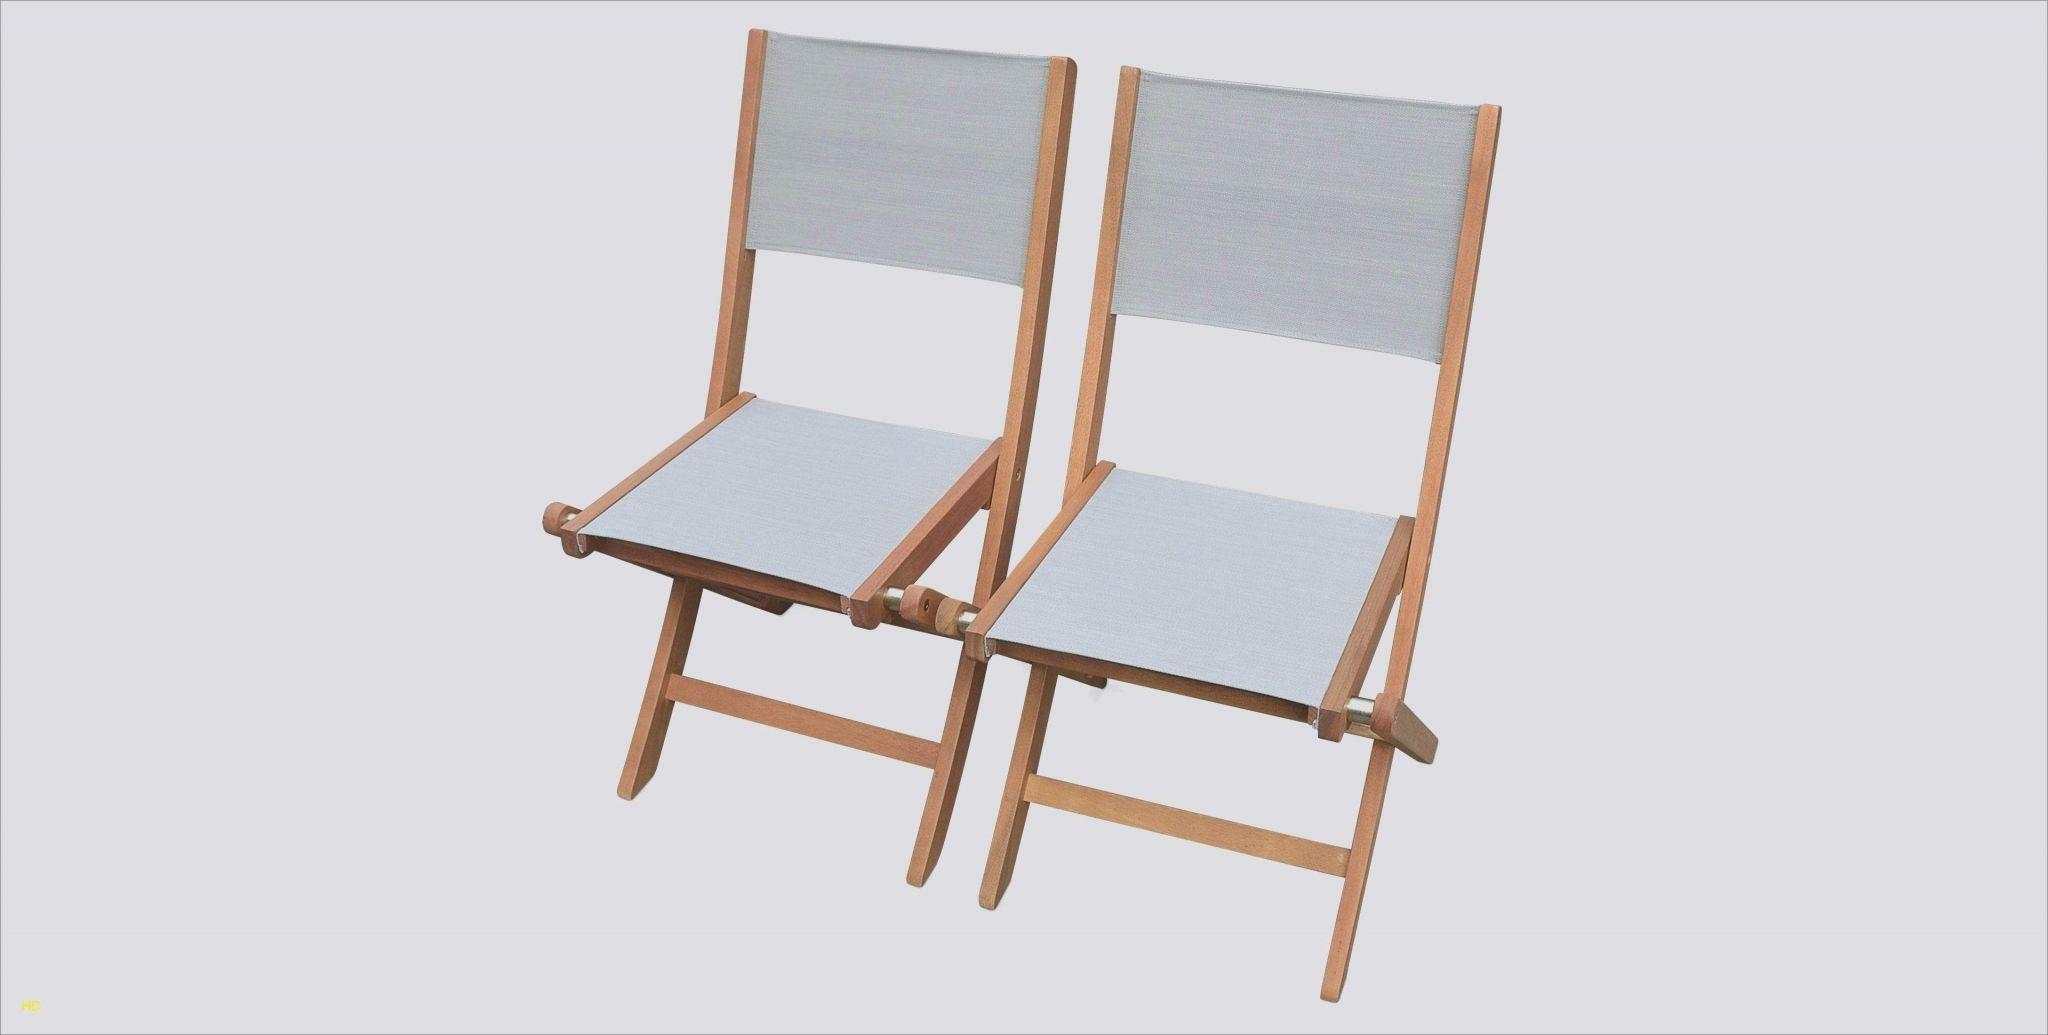 chaises et fauteuils de jardin fauteuil de jardin en bois blanc avec table de jardin avec of chaises et fauteuils de jardin